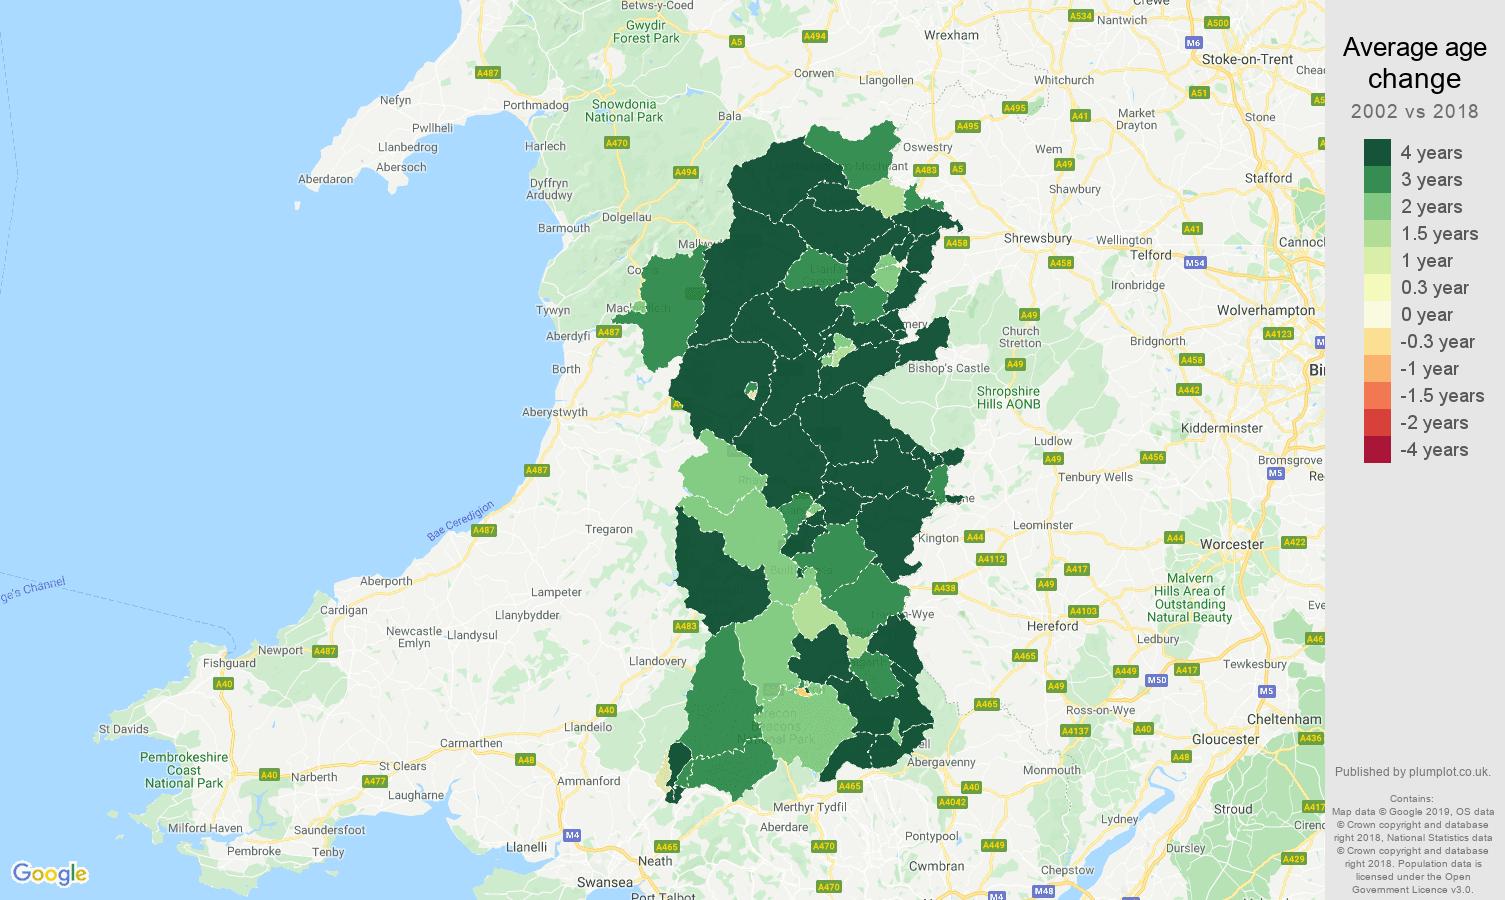 Powys average age change map